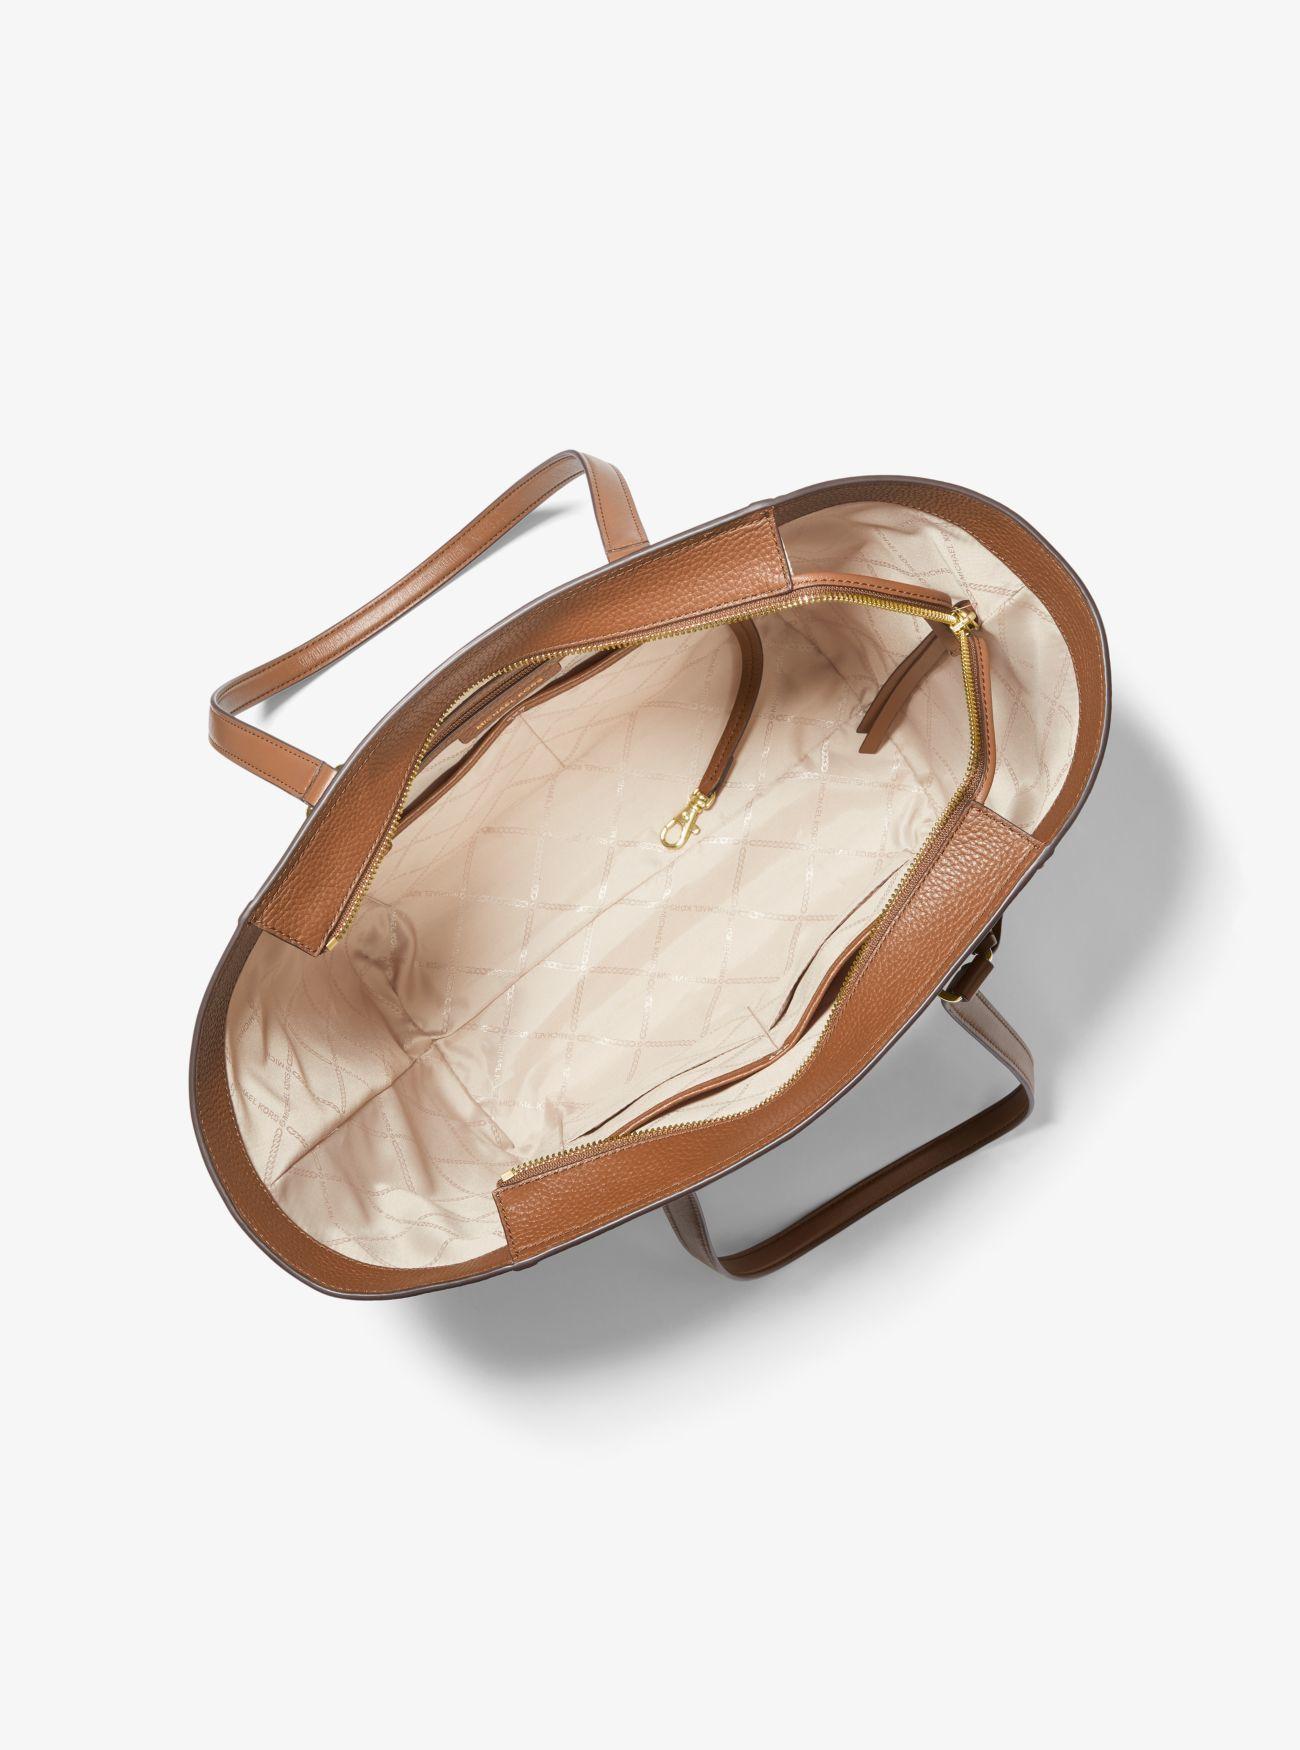 Michael Kors Carine Medium Pebbled Tote taske, luggage